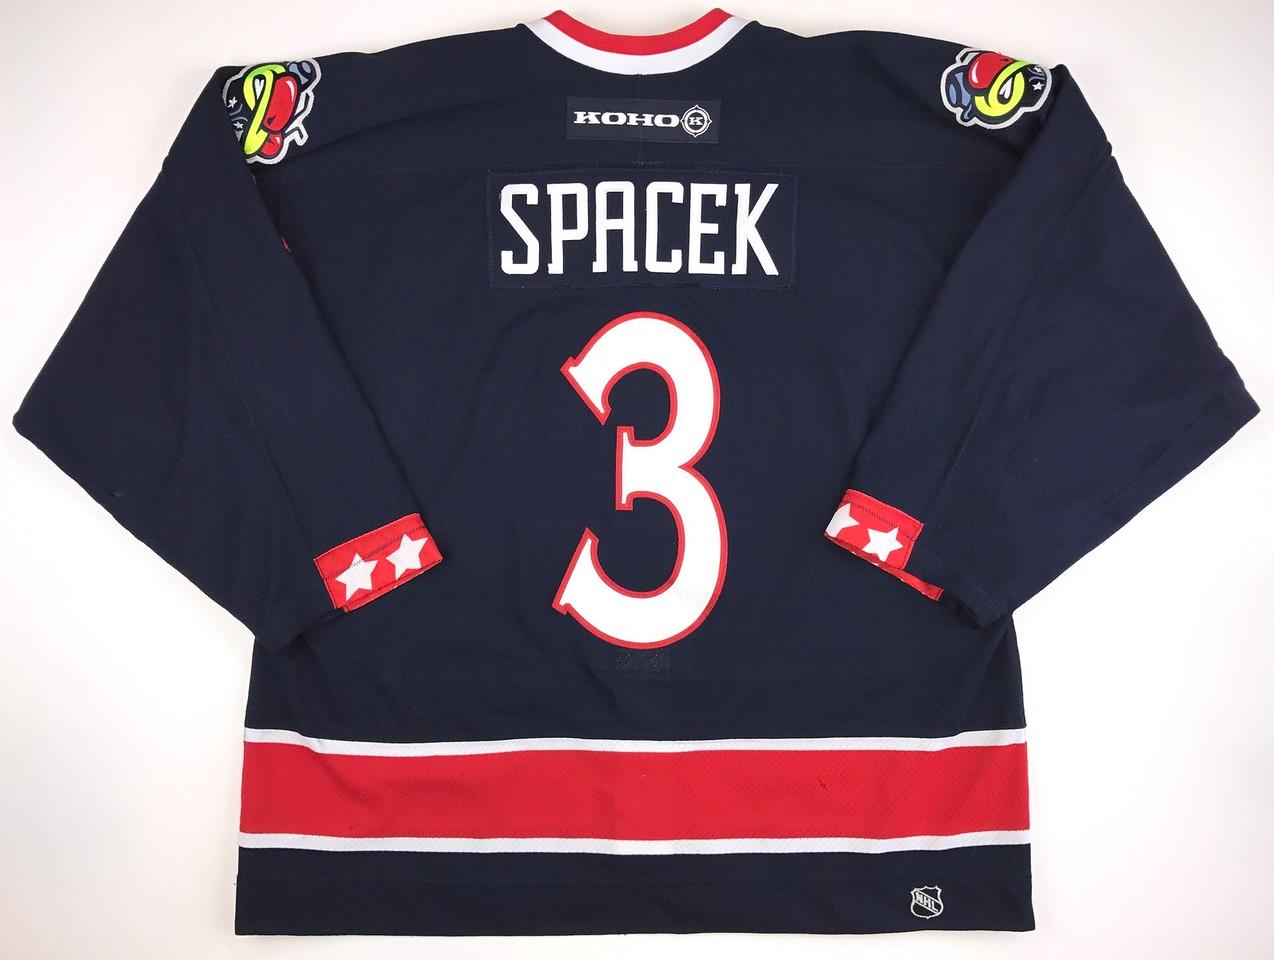 Specak 2002-2003 Game Worn Jersey Back